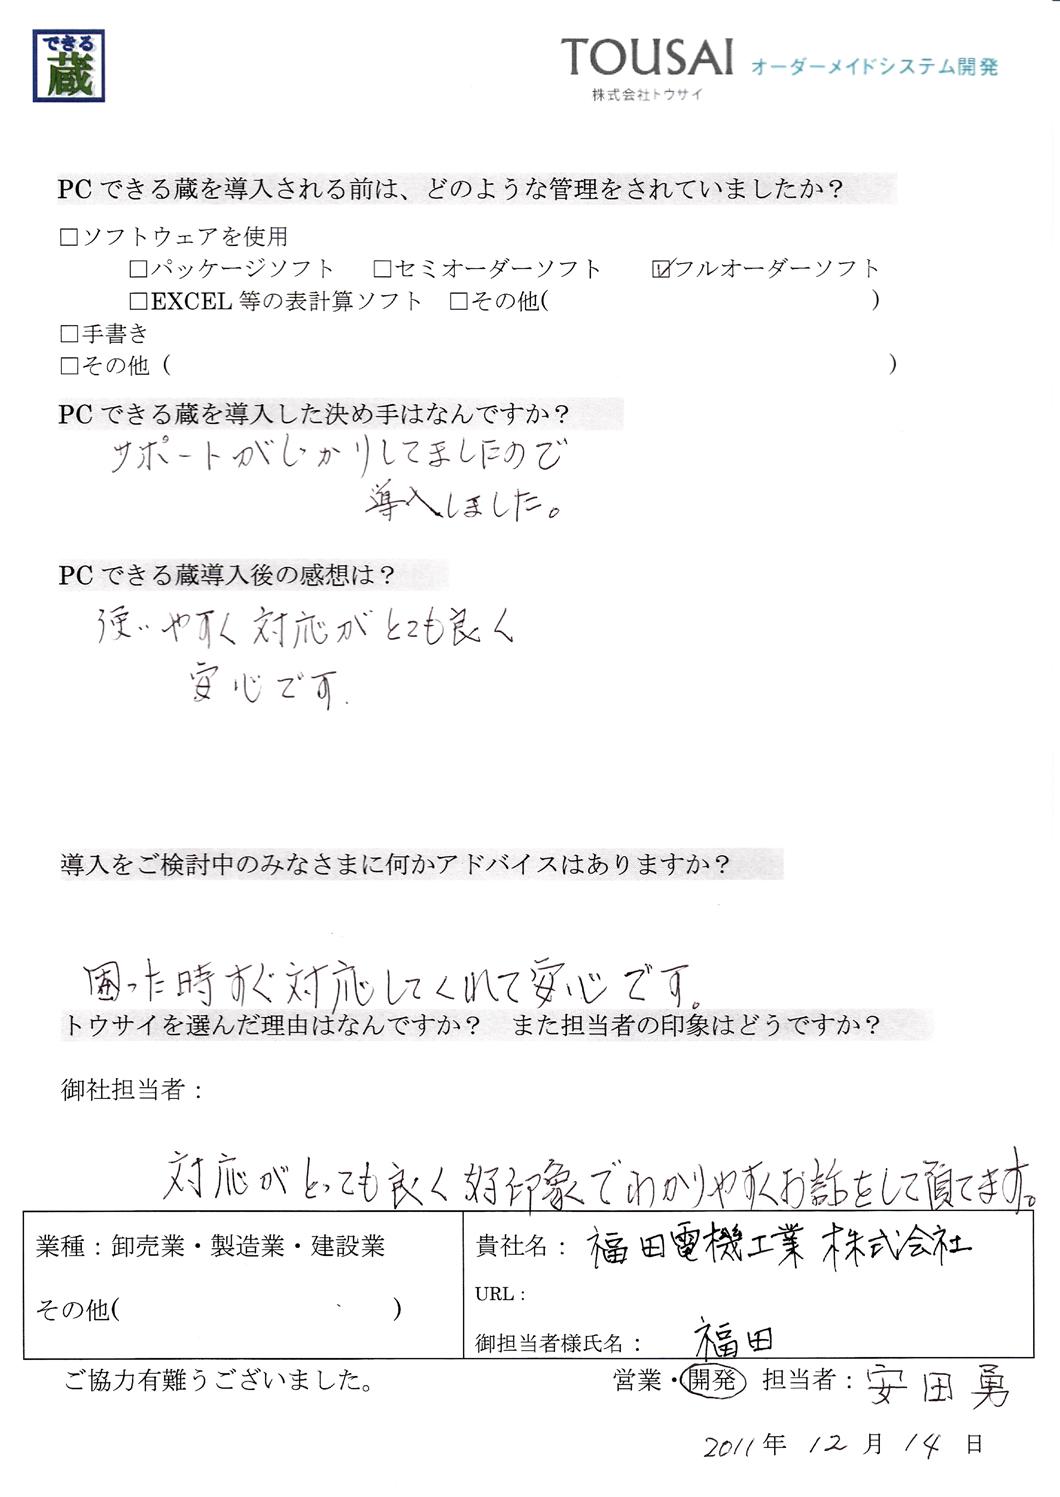 福田電機工業株式会社 様